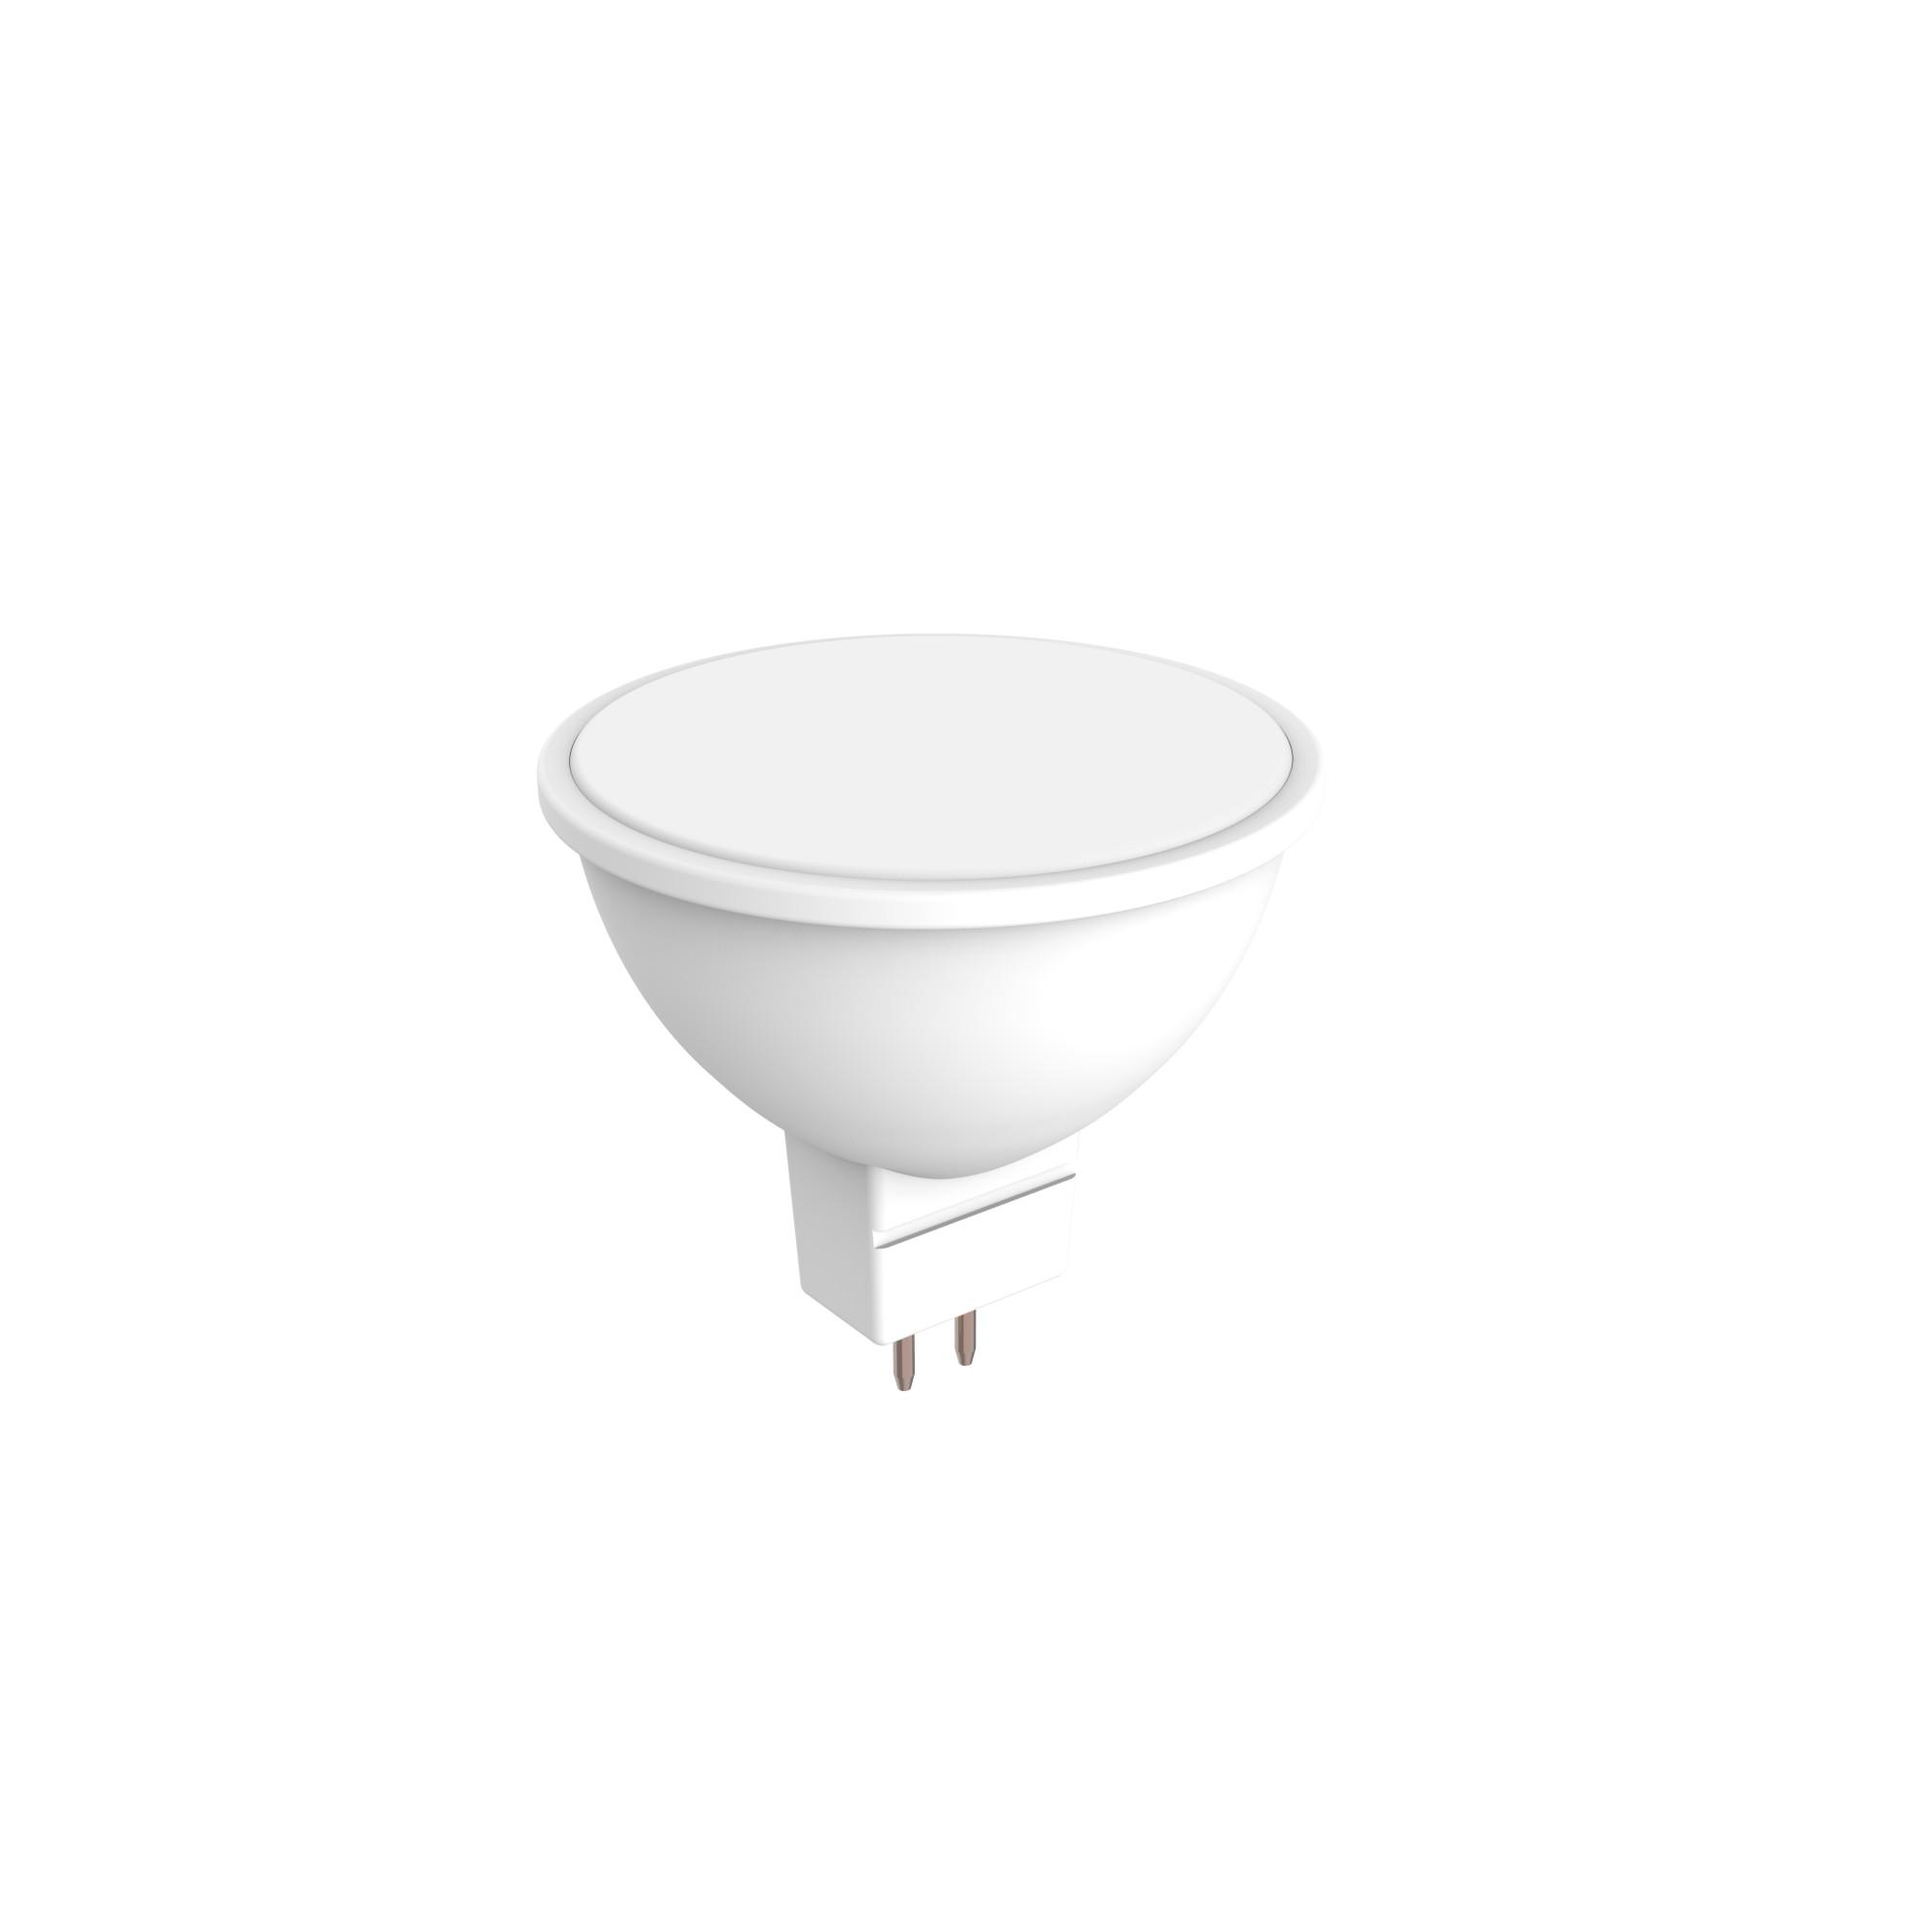 Лампа светодиодная Lexman GU5.3 220 В 6 Вт матовая 510 лм тёплый белый свет